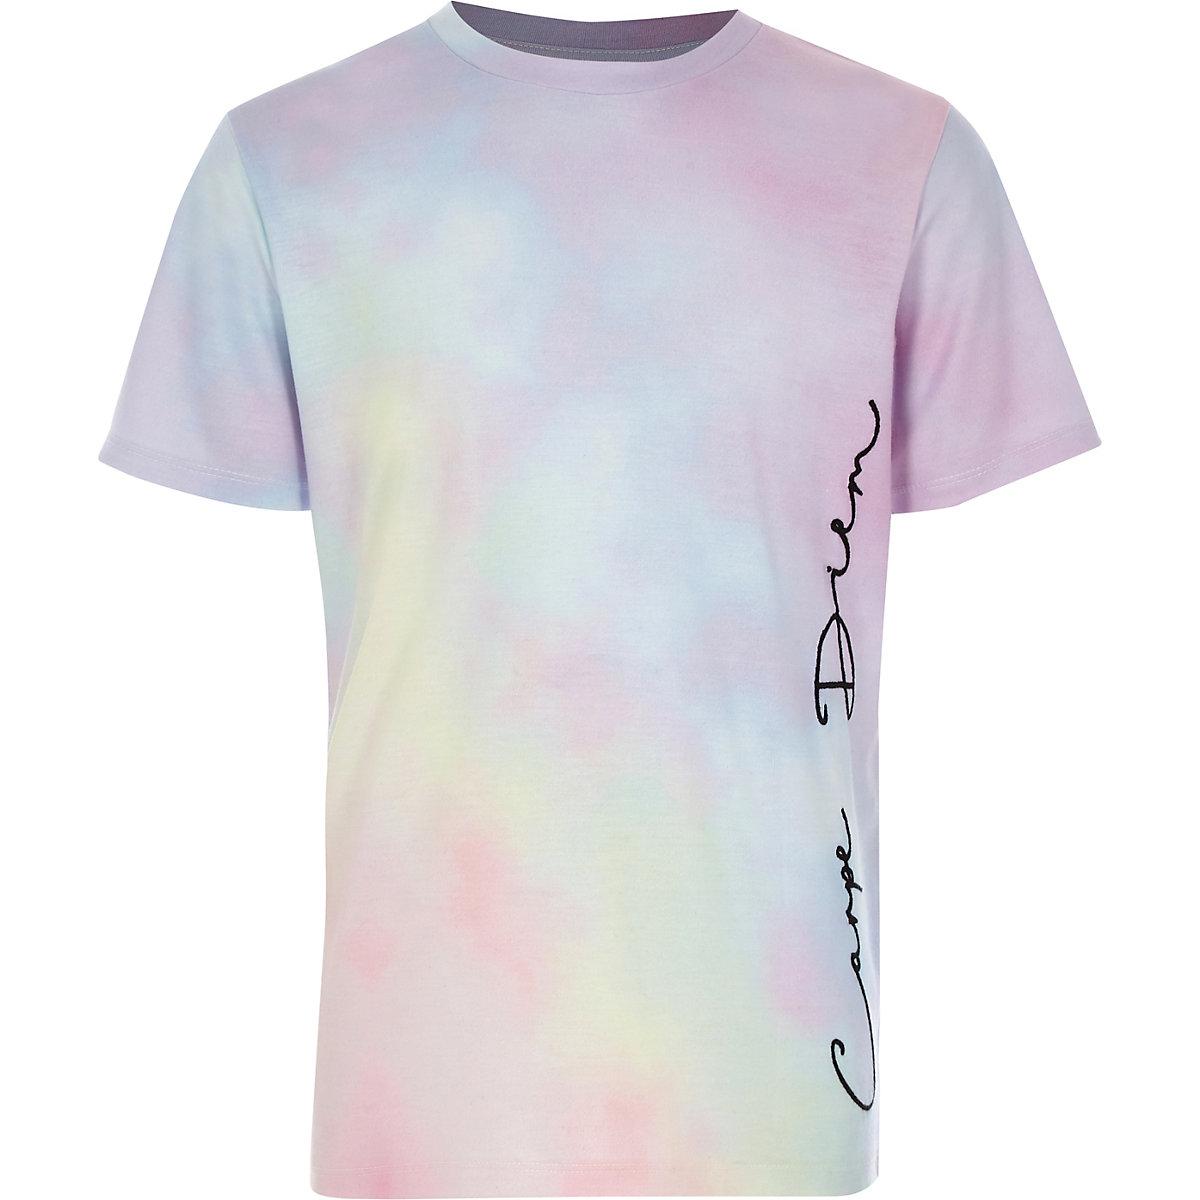 Boys pink 'Carpe diem' T-shirt